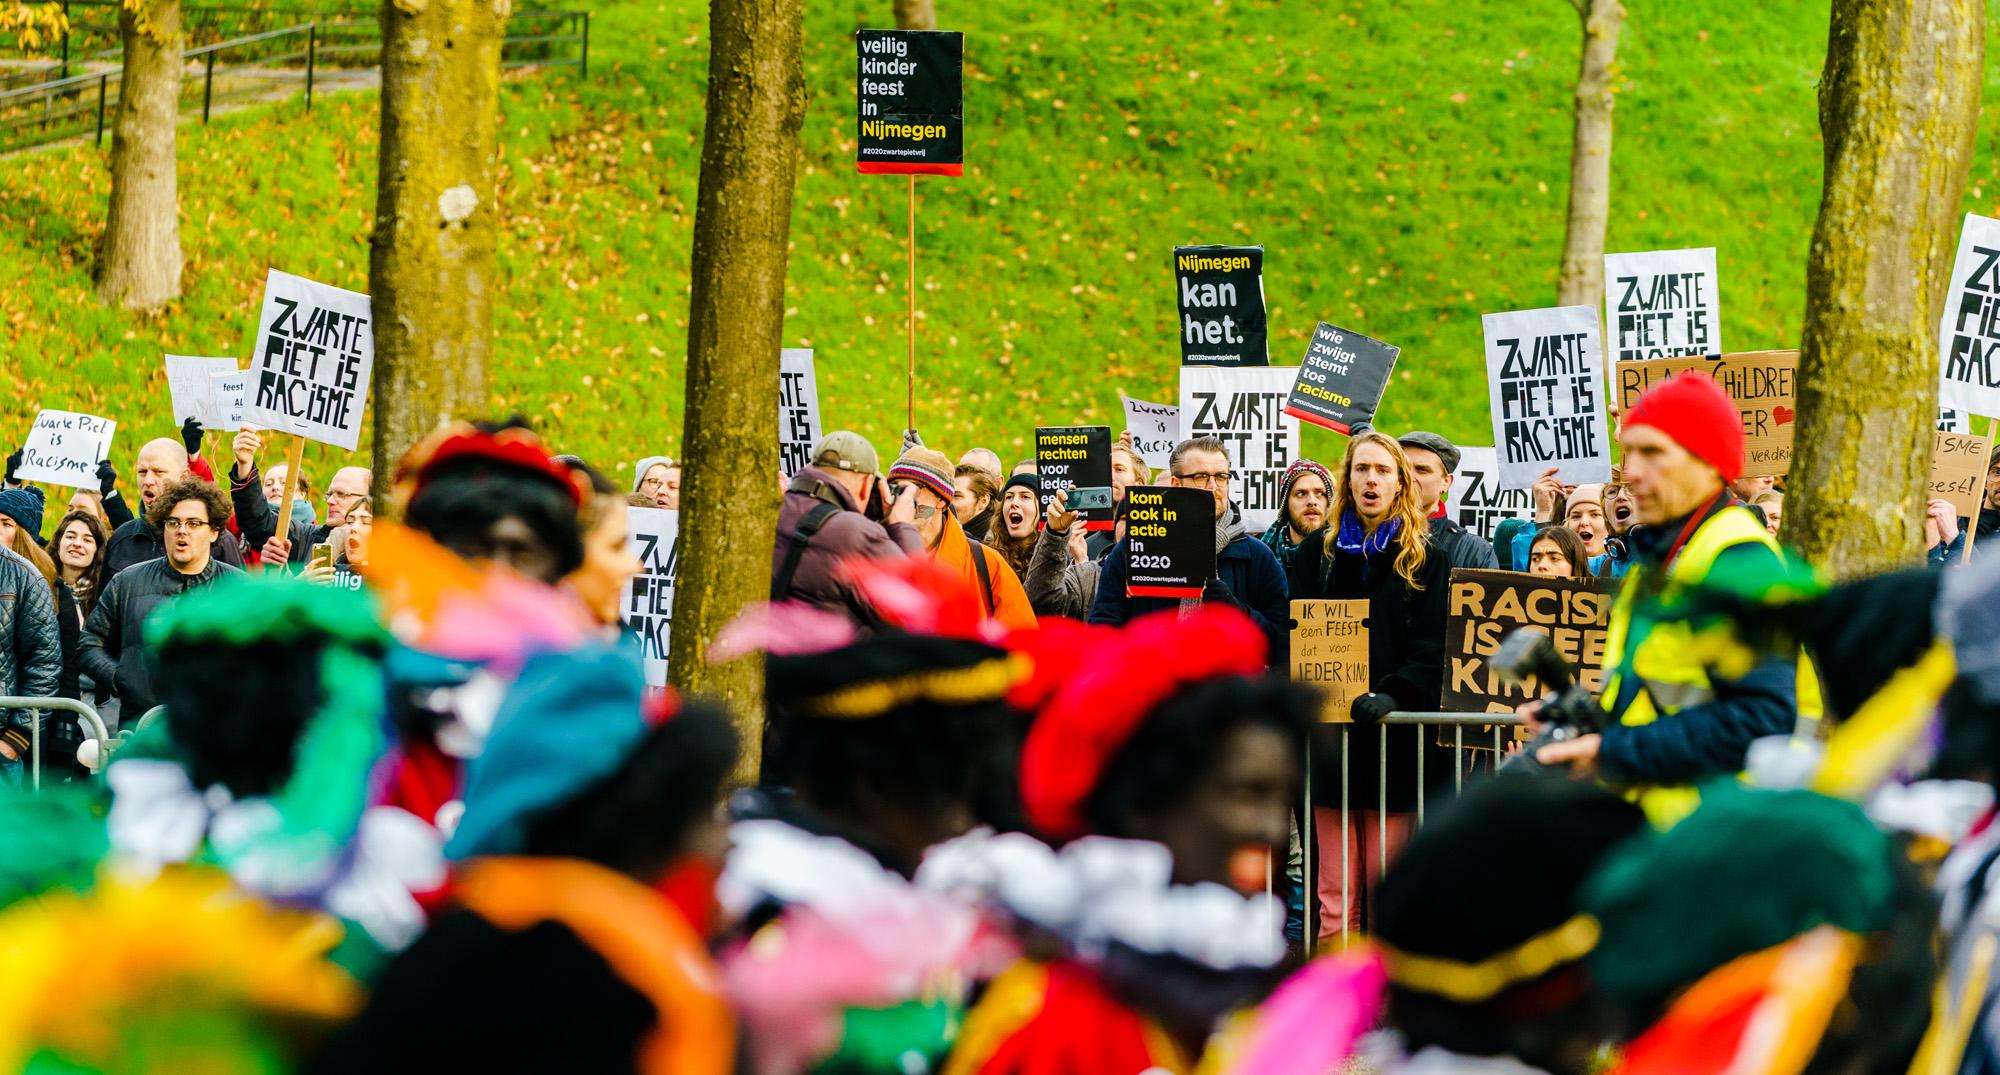 Kick Out Zwarte Piet Demonstreert Bij 22 Sinterklaasintochten